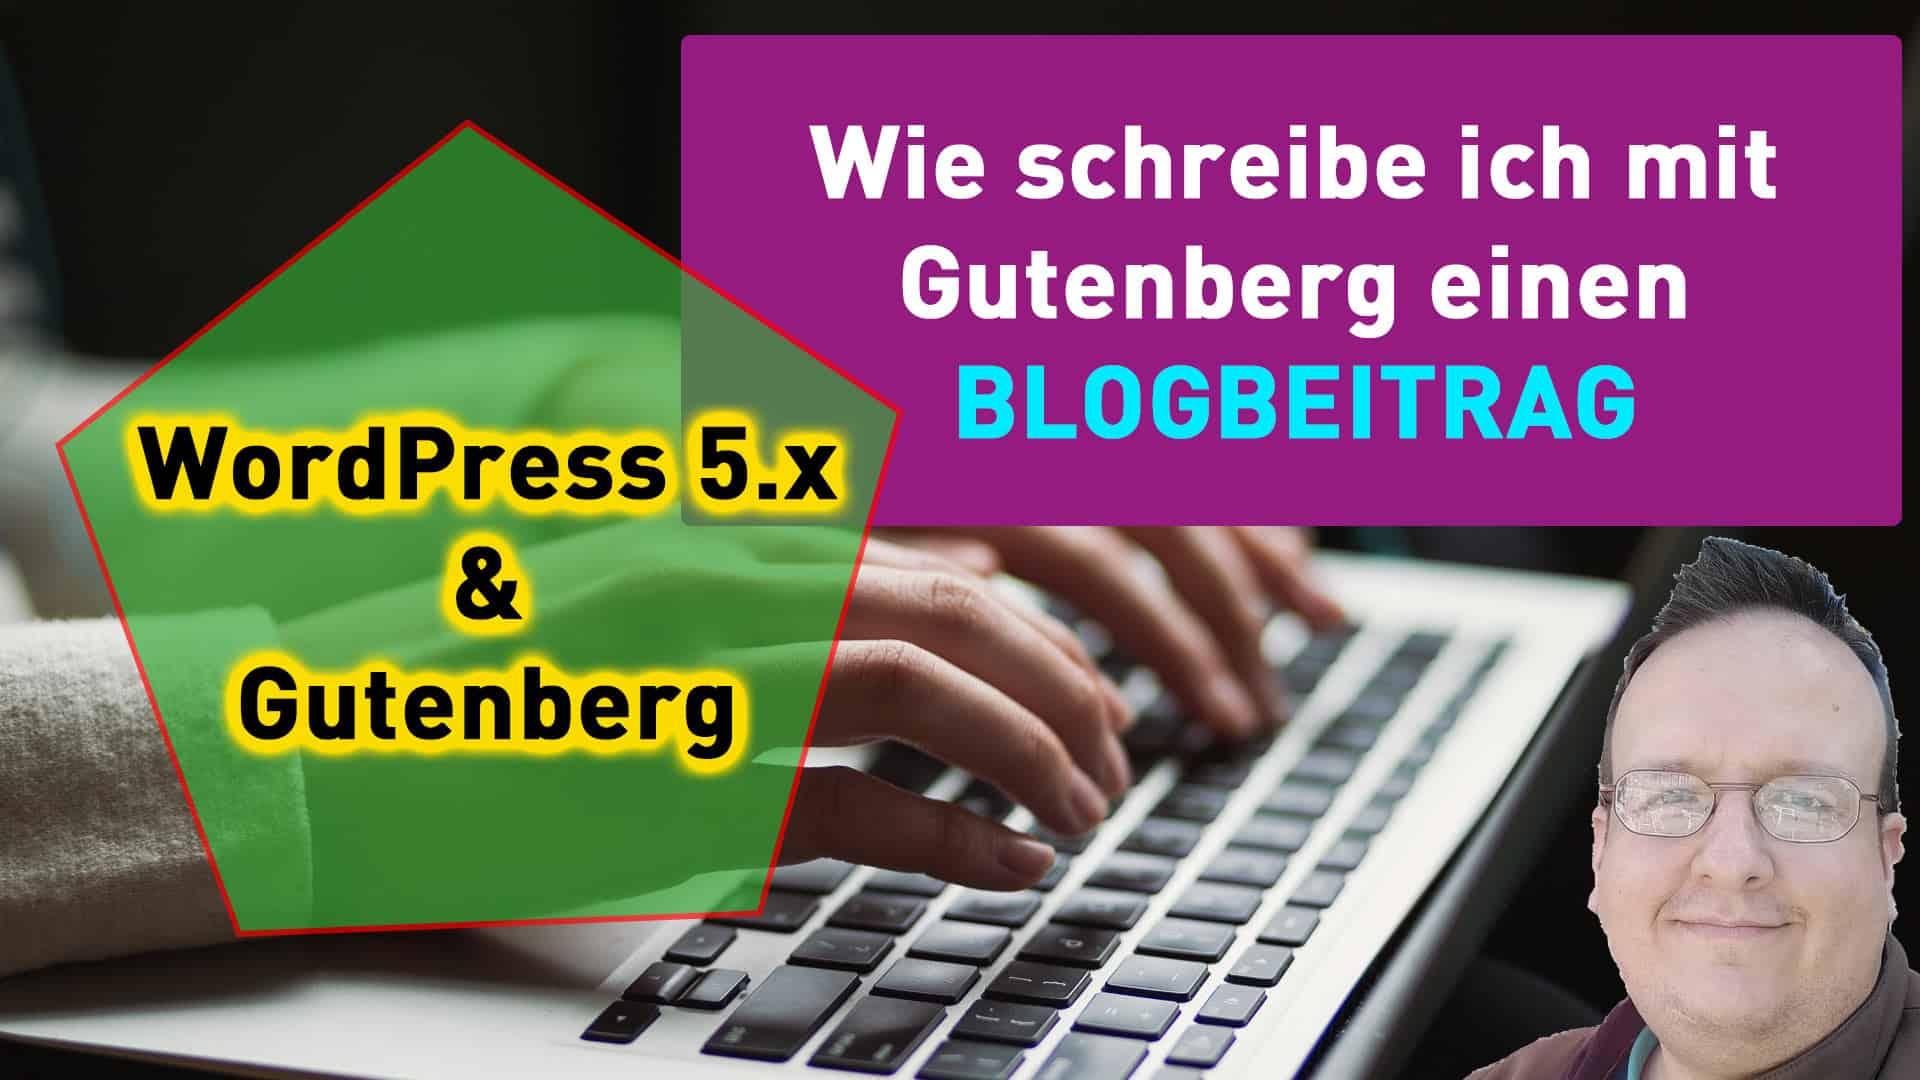 Wie schreibe ich mit Gutenberg einen Blogbeitrag?